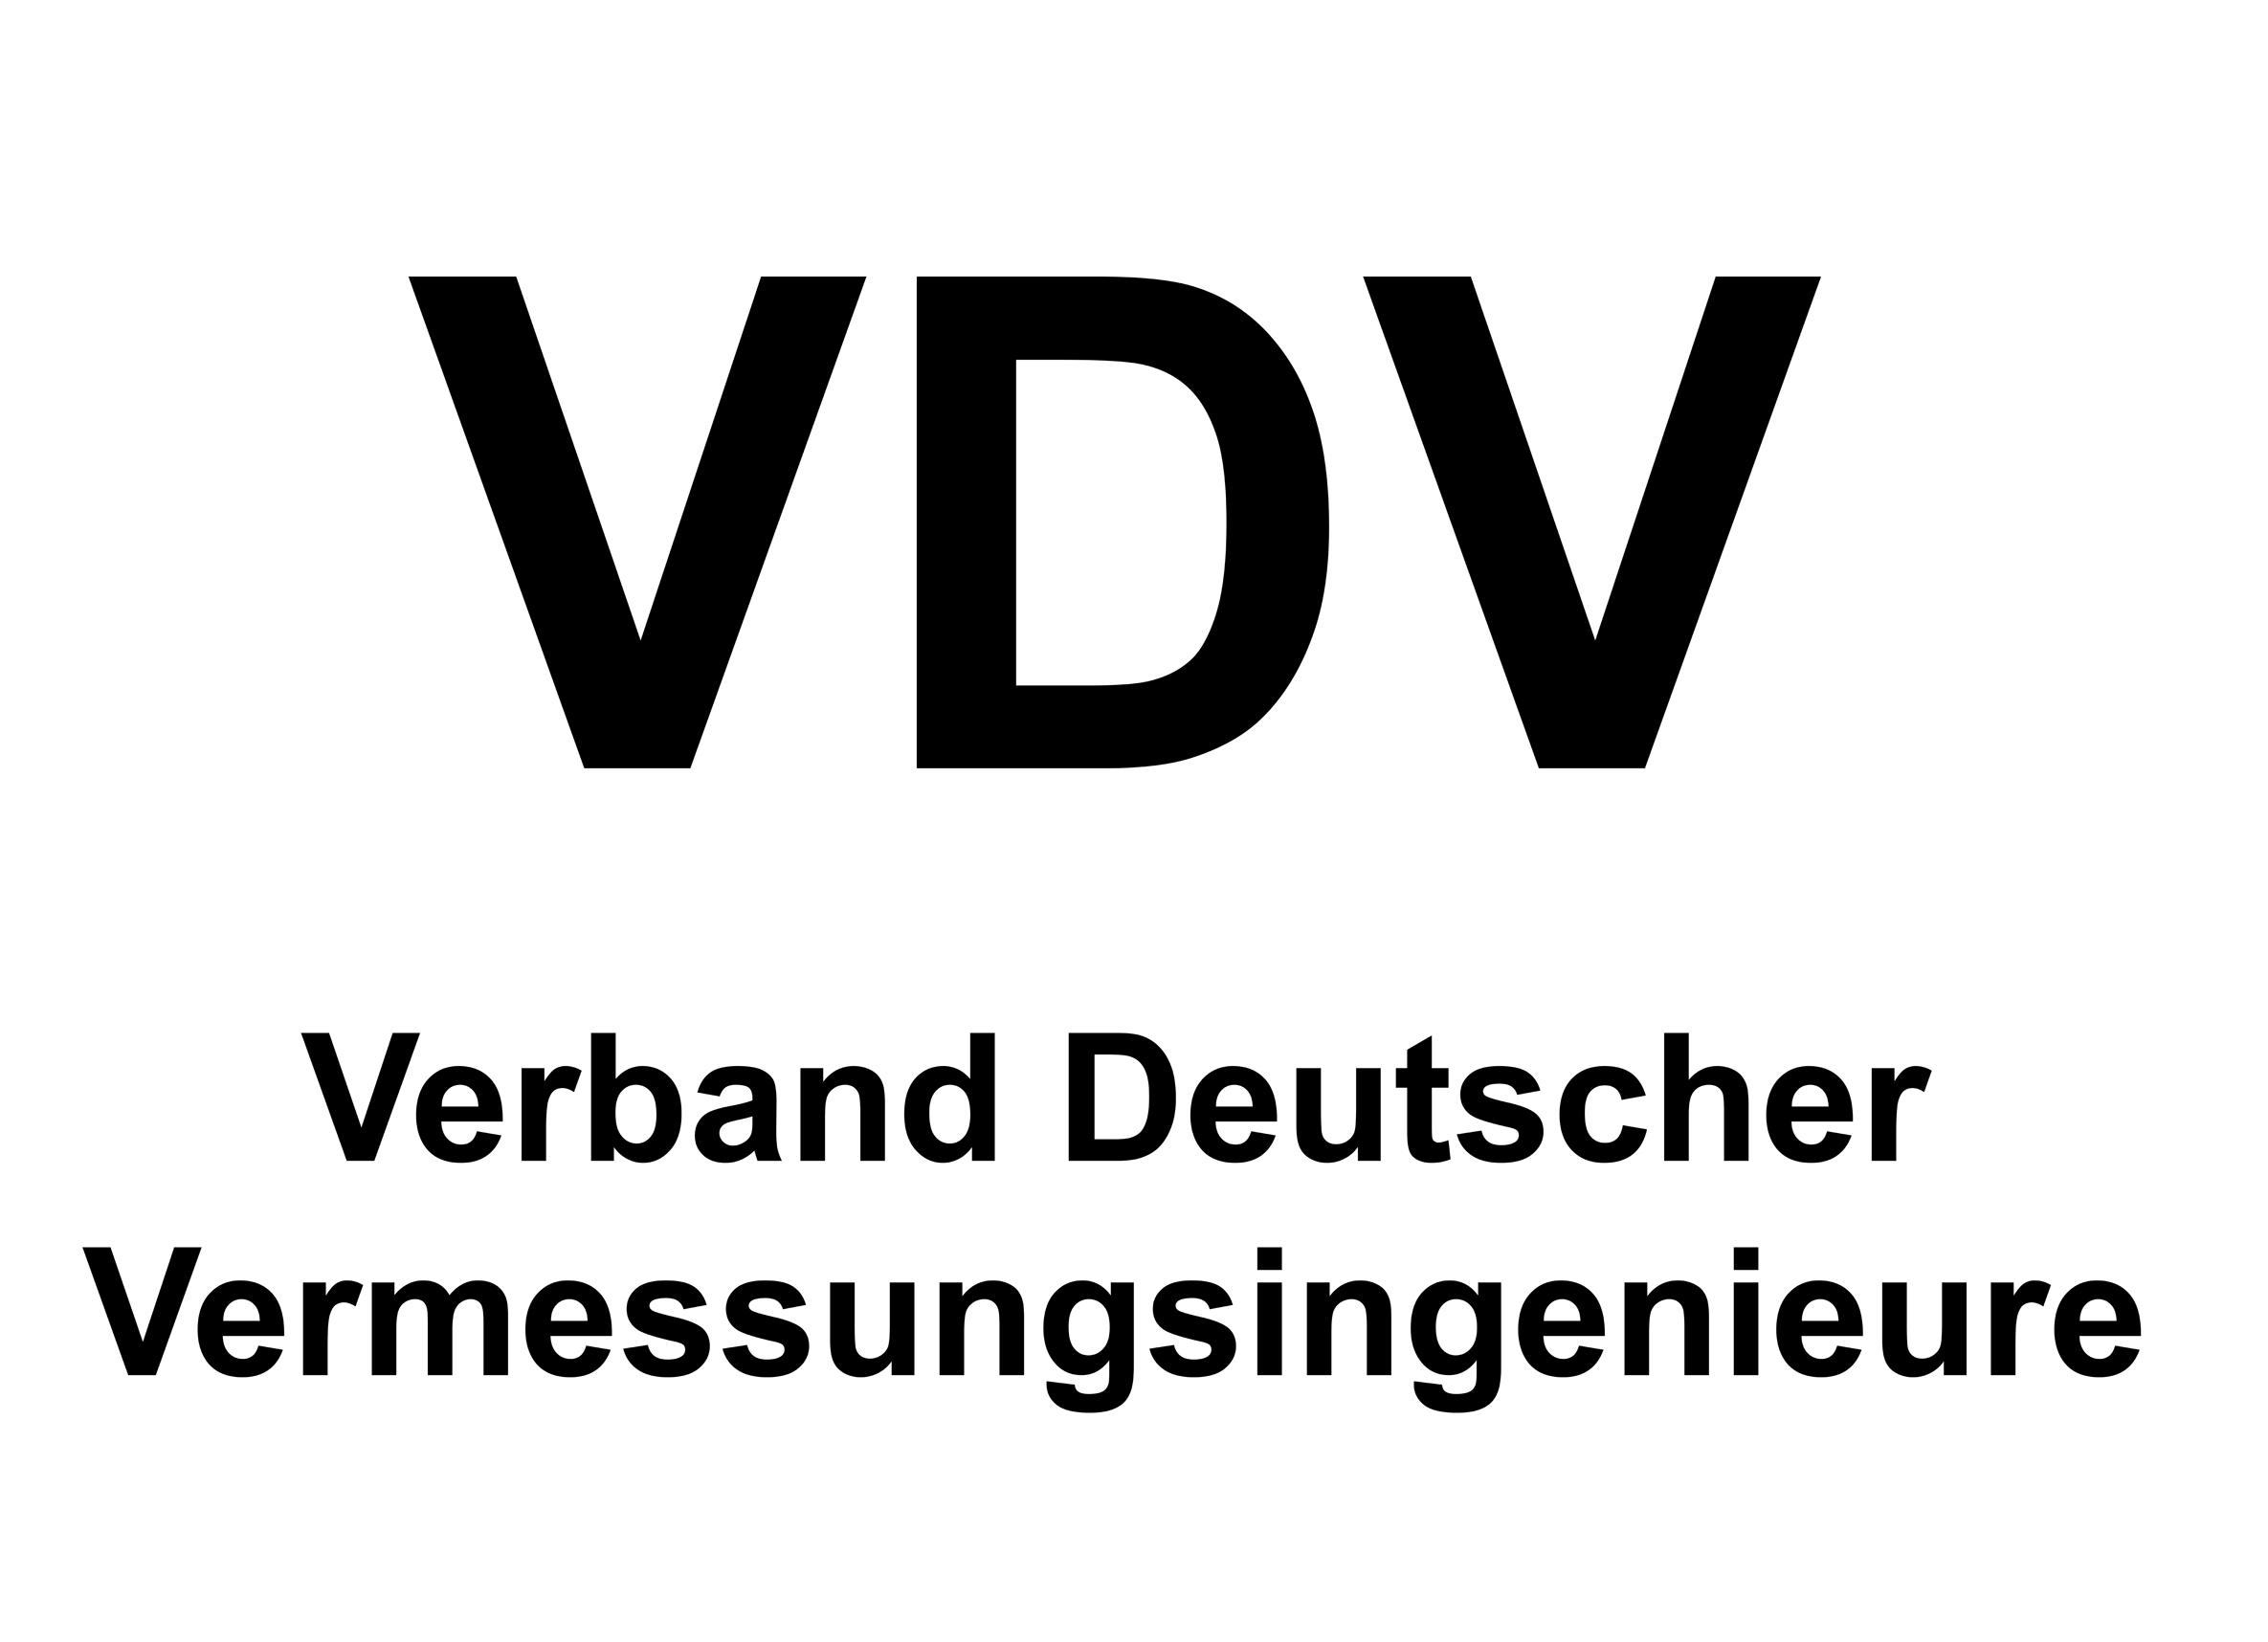 VDV Verband Deutscher Vermessungsingenieure